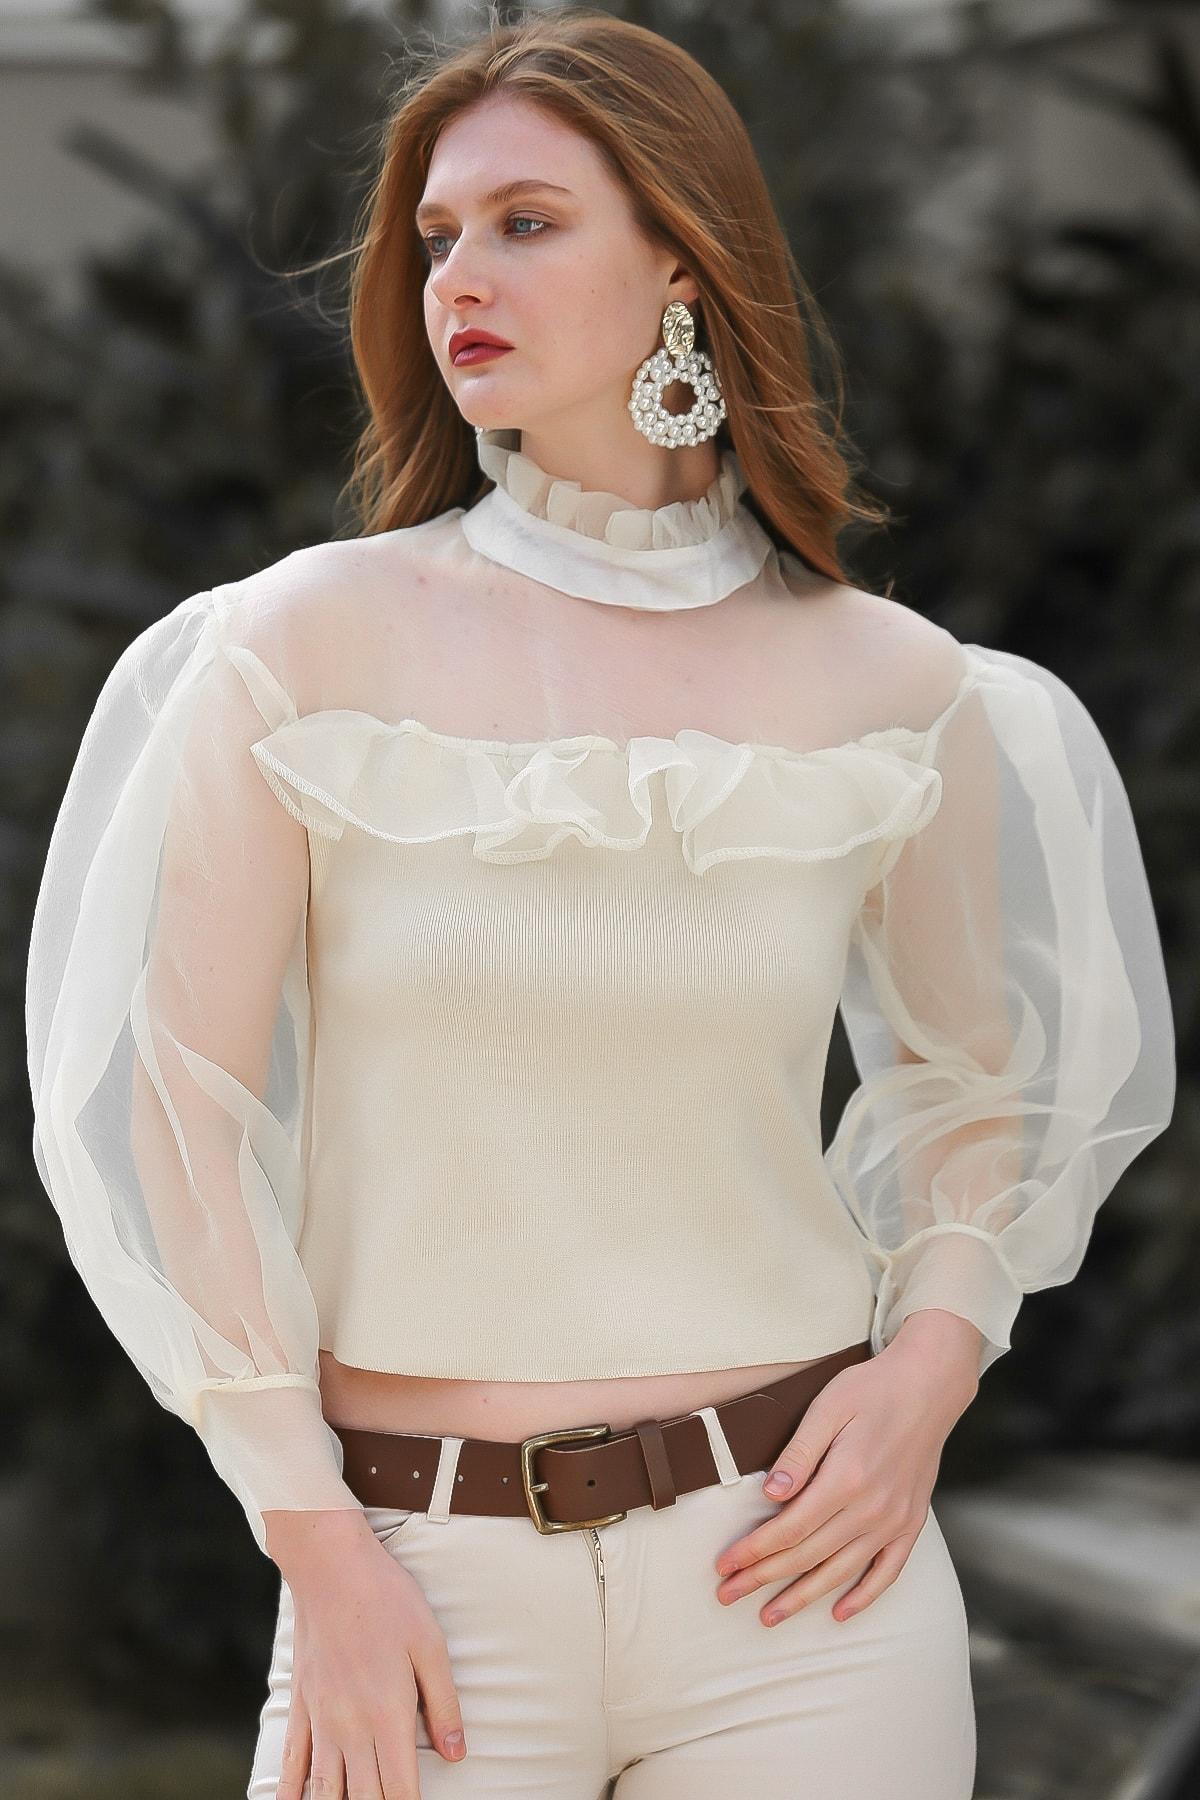 Chiccy Kadın Ekru Vintage Fırfır Yakalı Robası Ve Kolları Organze Triko Bluz M10010200BL95841